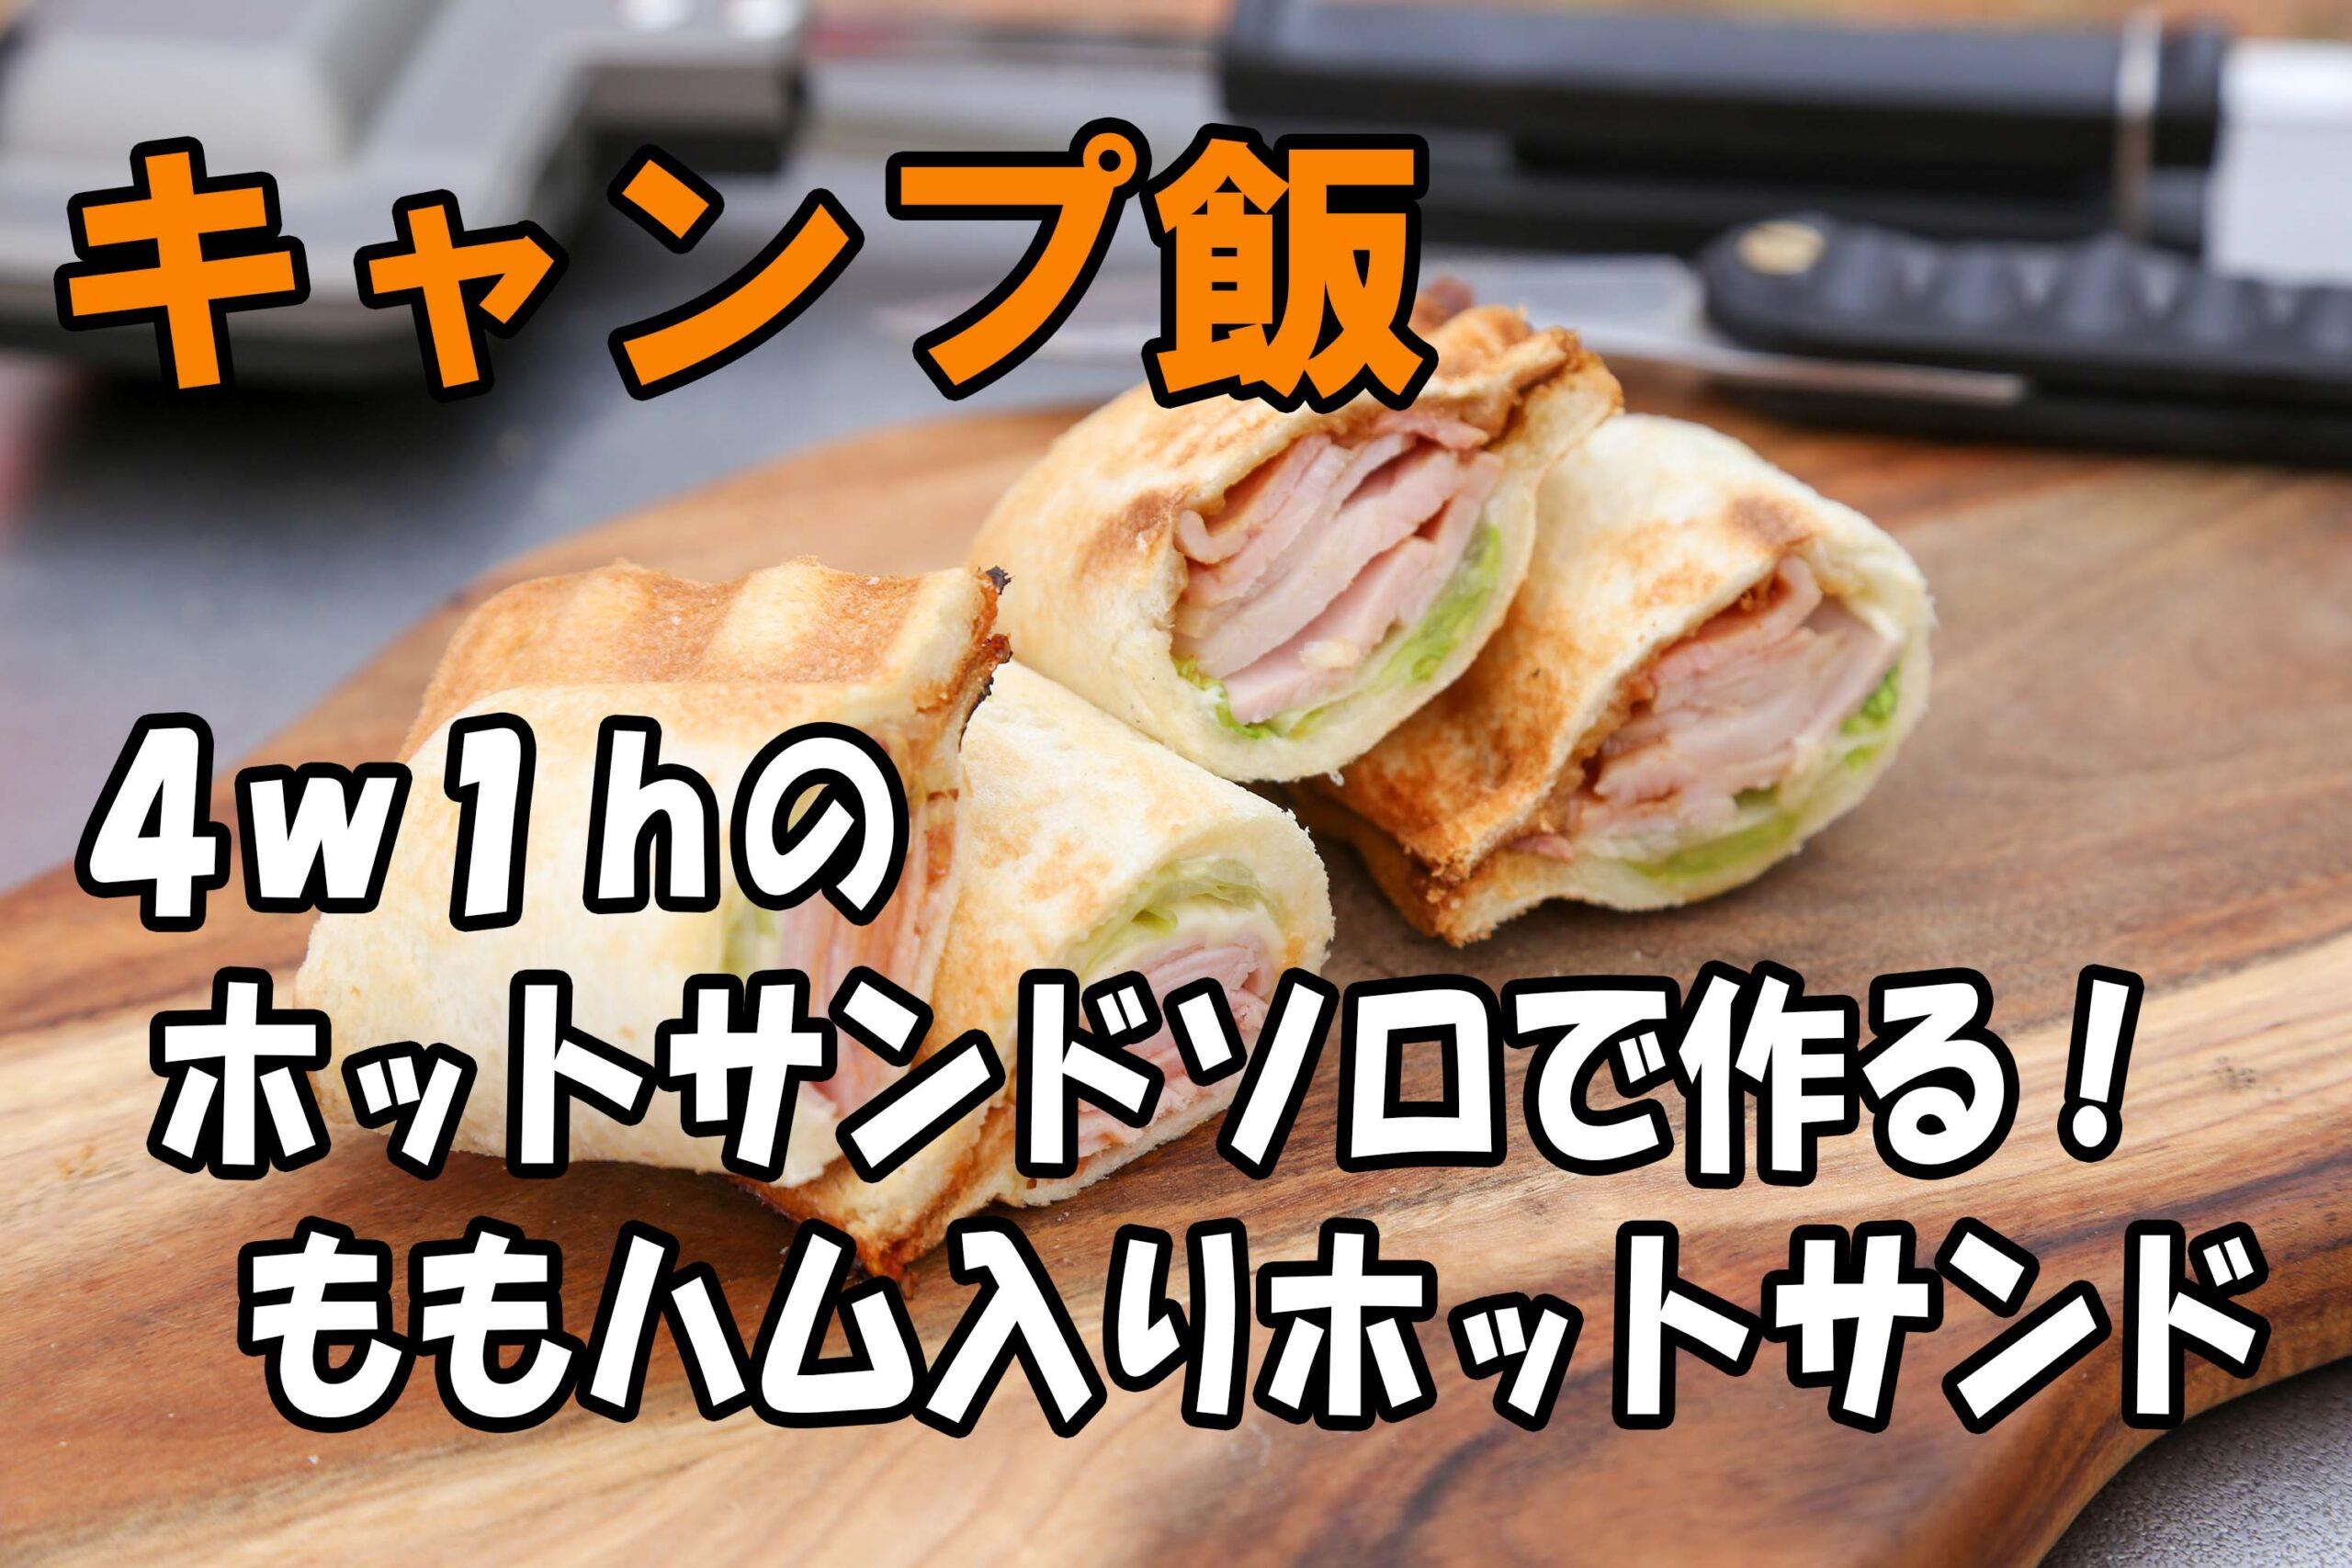 【キャンプ飯】4w1h ホットサンドソロで作る!ももハム入りホットサンド